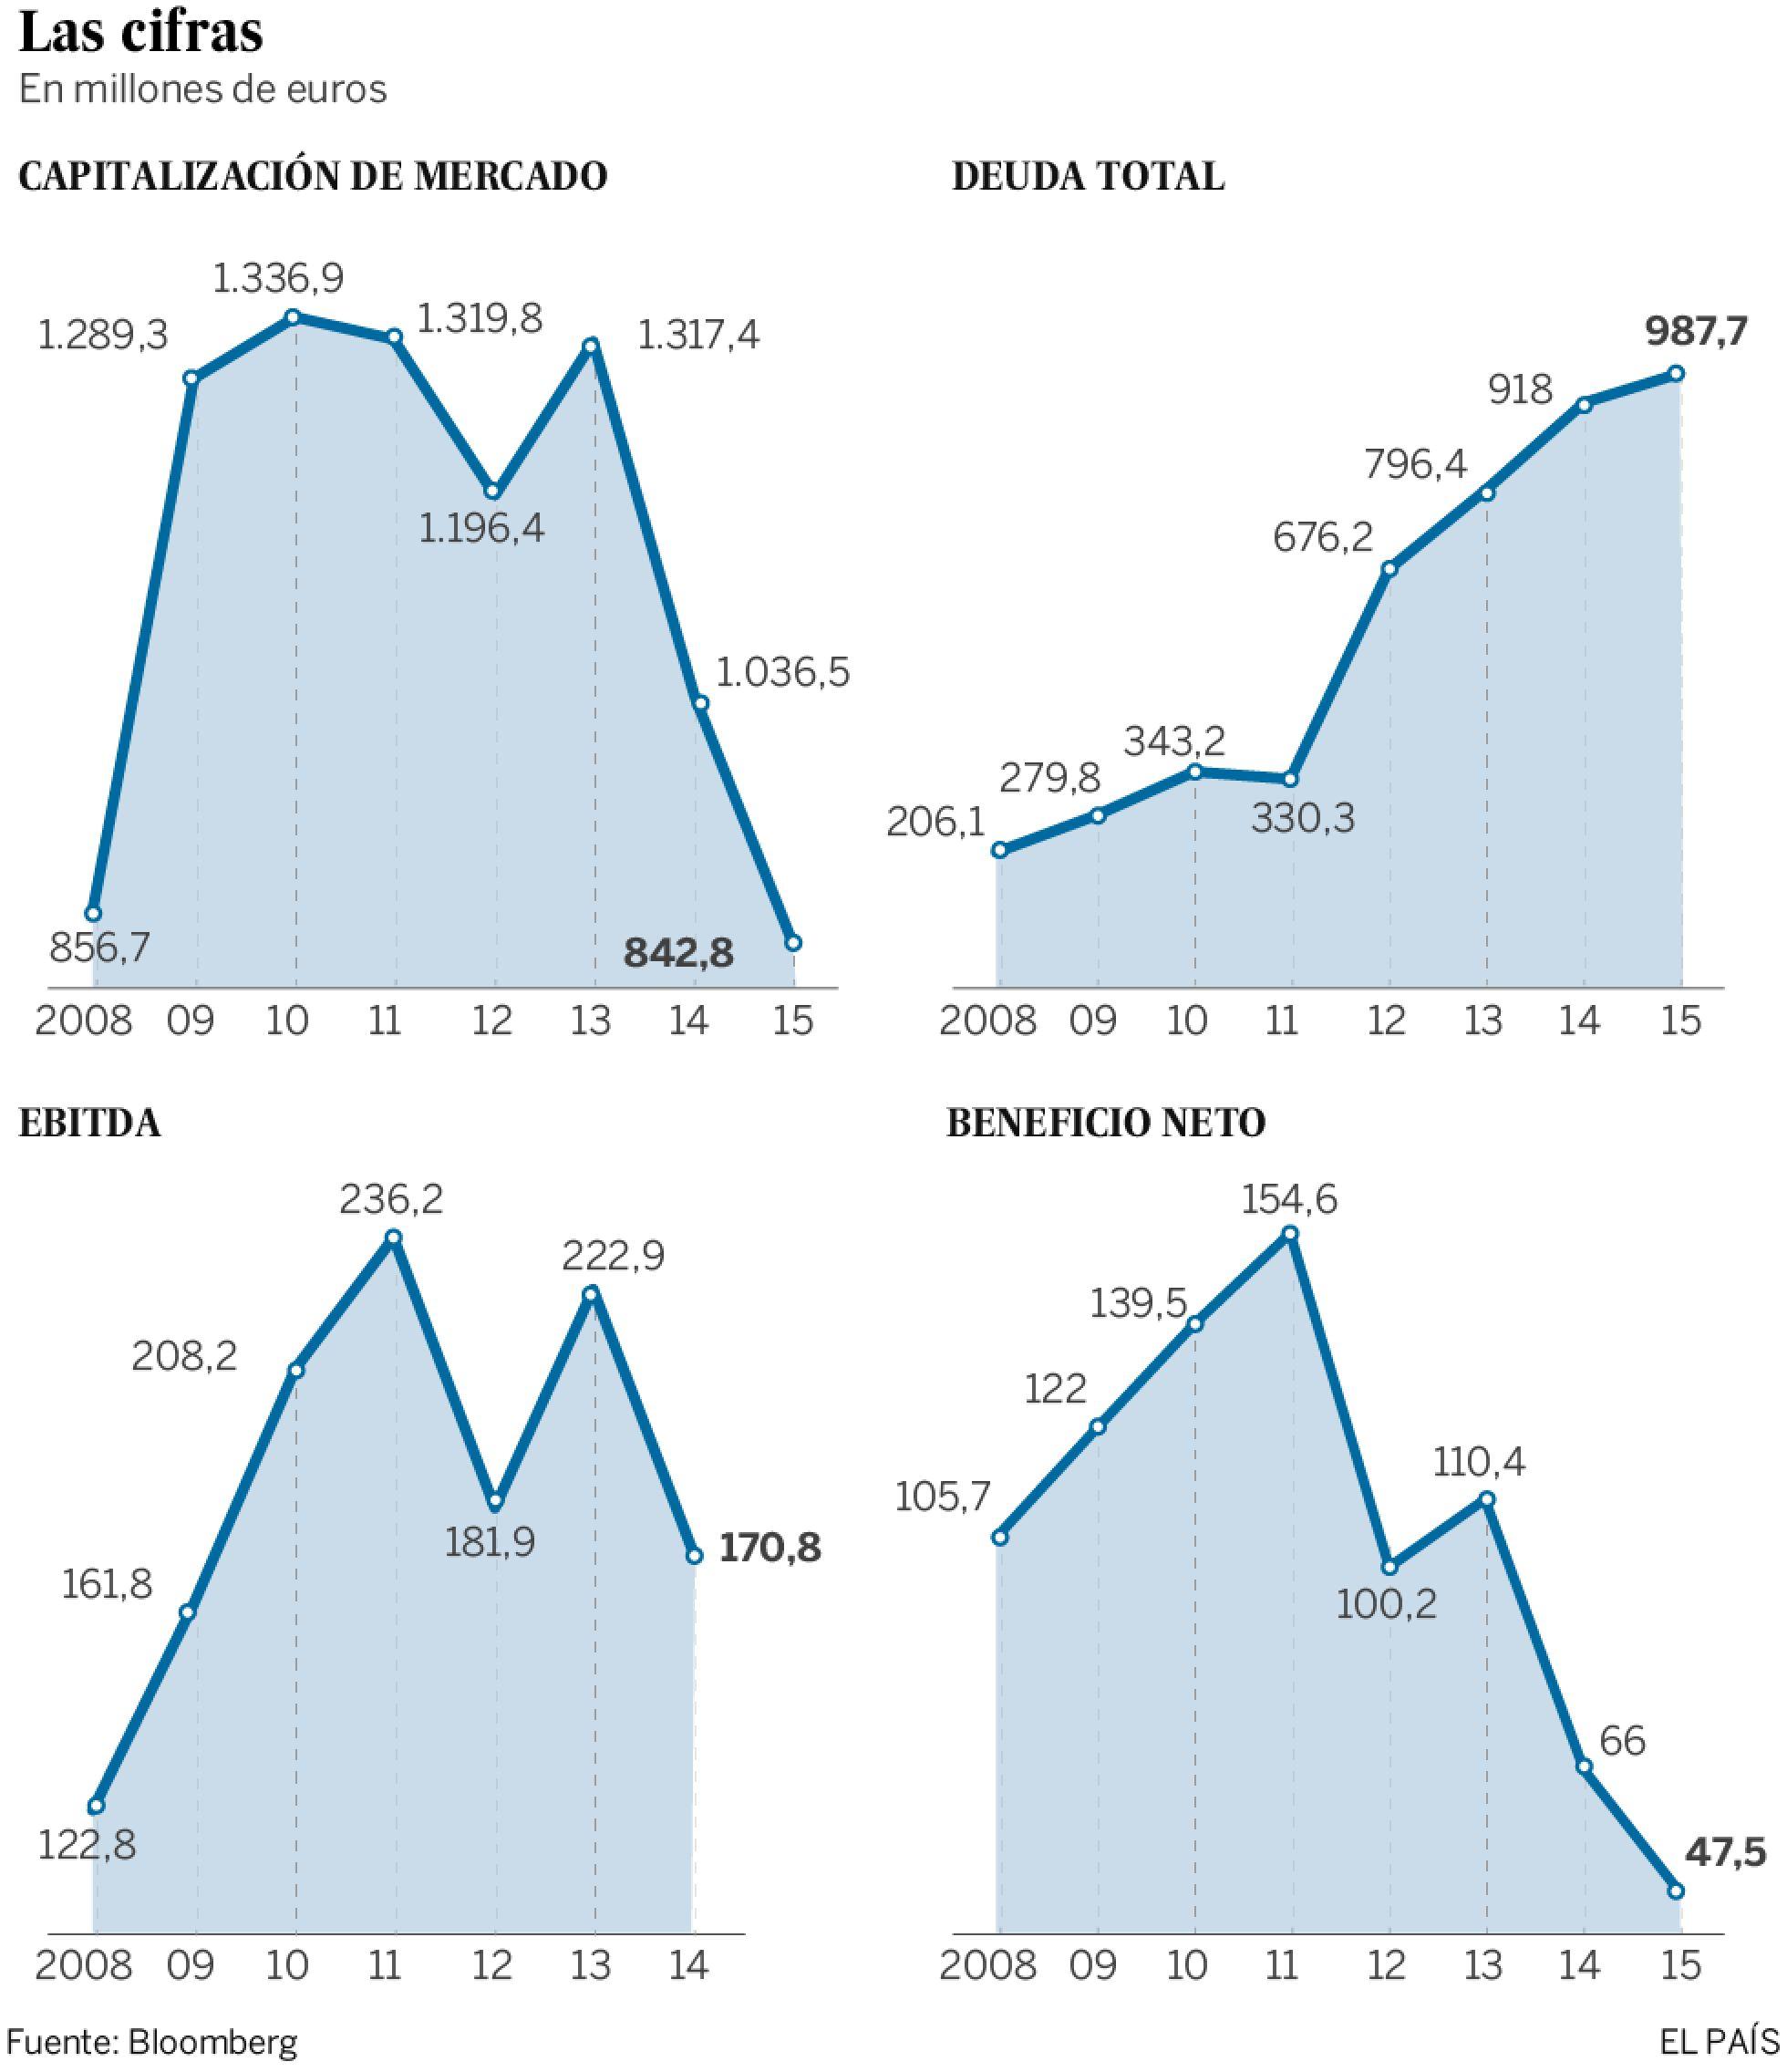 Euskal Herria: Reestructuración de la explotación... - Página 6 1454670868_336829_1454697636_sumario_normal_recorte1